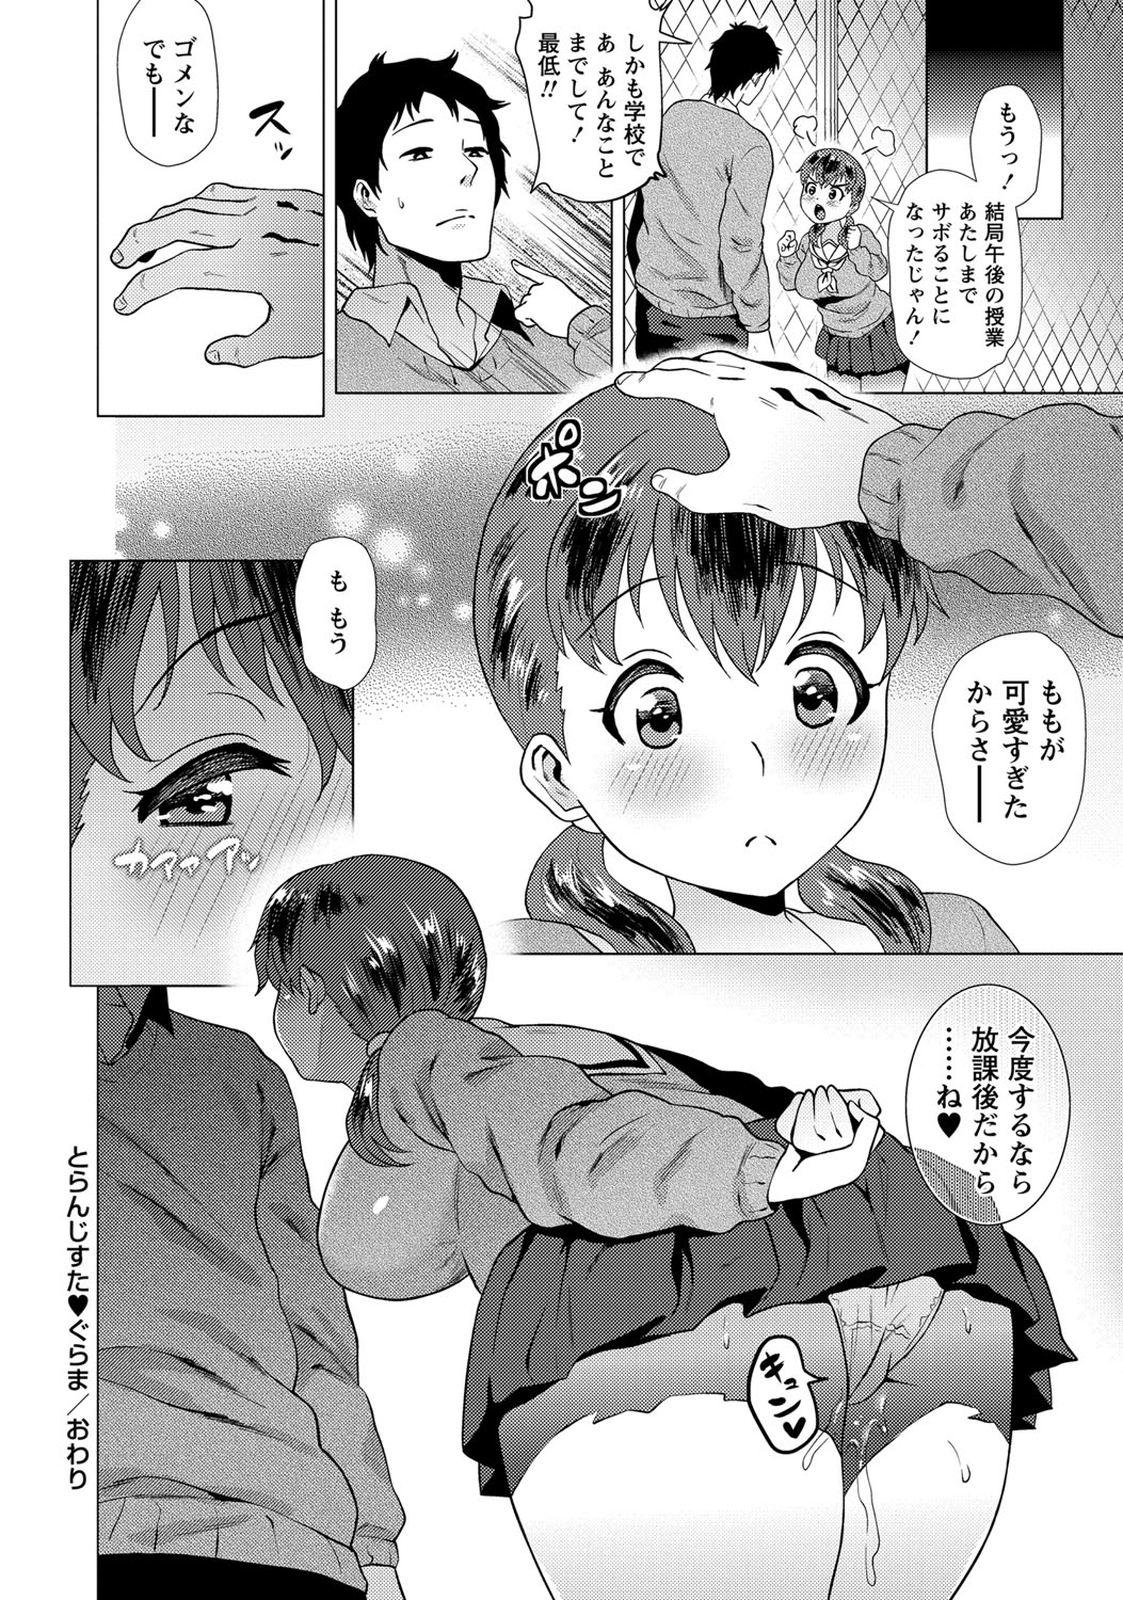 【エロ漫画】トランジスタグラマーなエロカワボディの彼女と学校の屋上でいちゃラブセックスwww